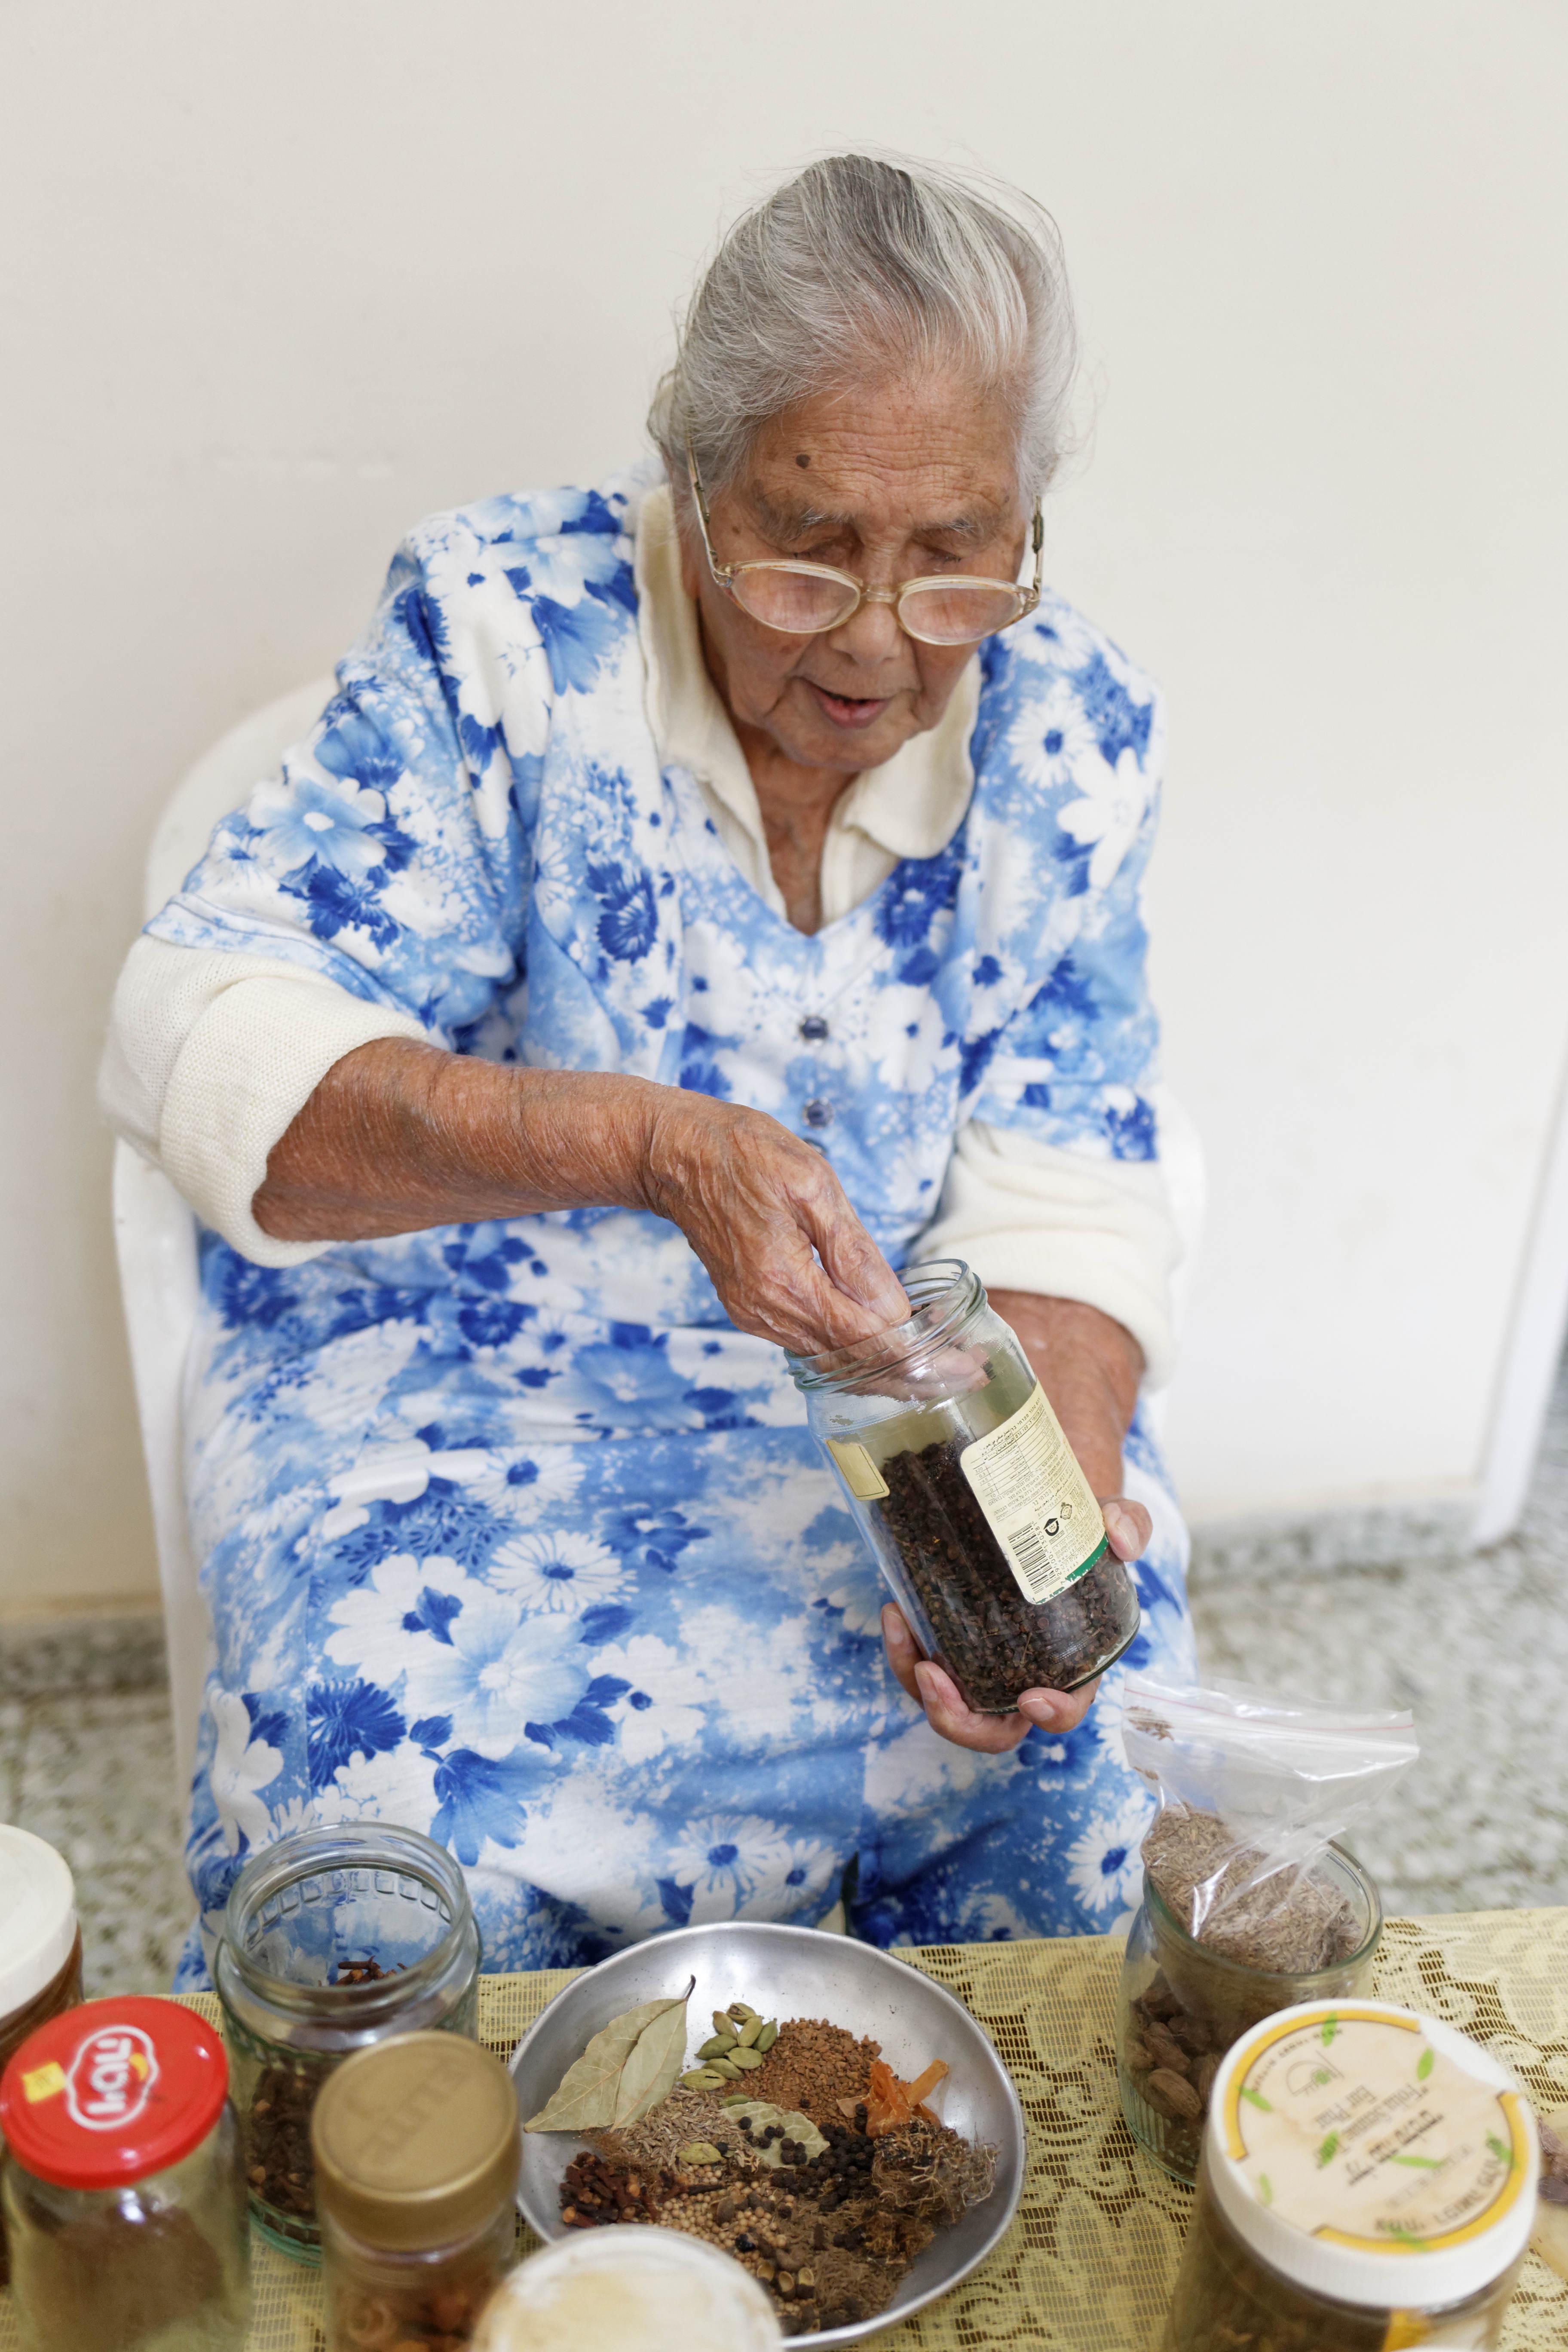 אפילו סבתא הודית אמיתית !